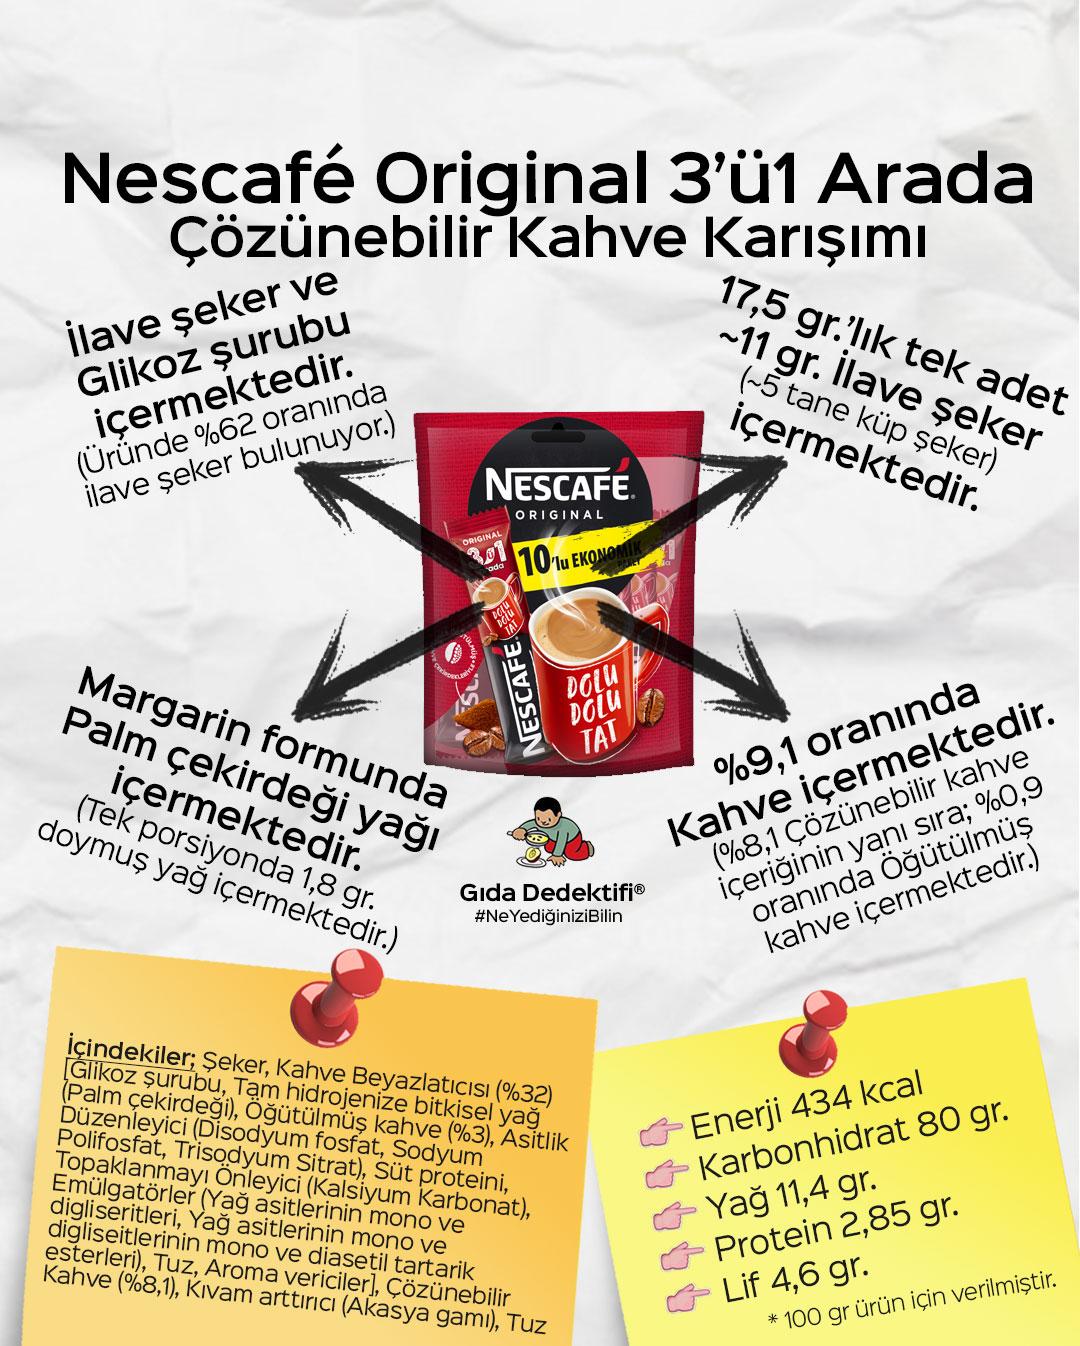 Nescafé 3'ü1 Arada - Gıda Dedektifi